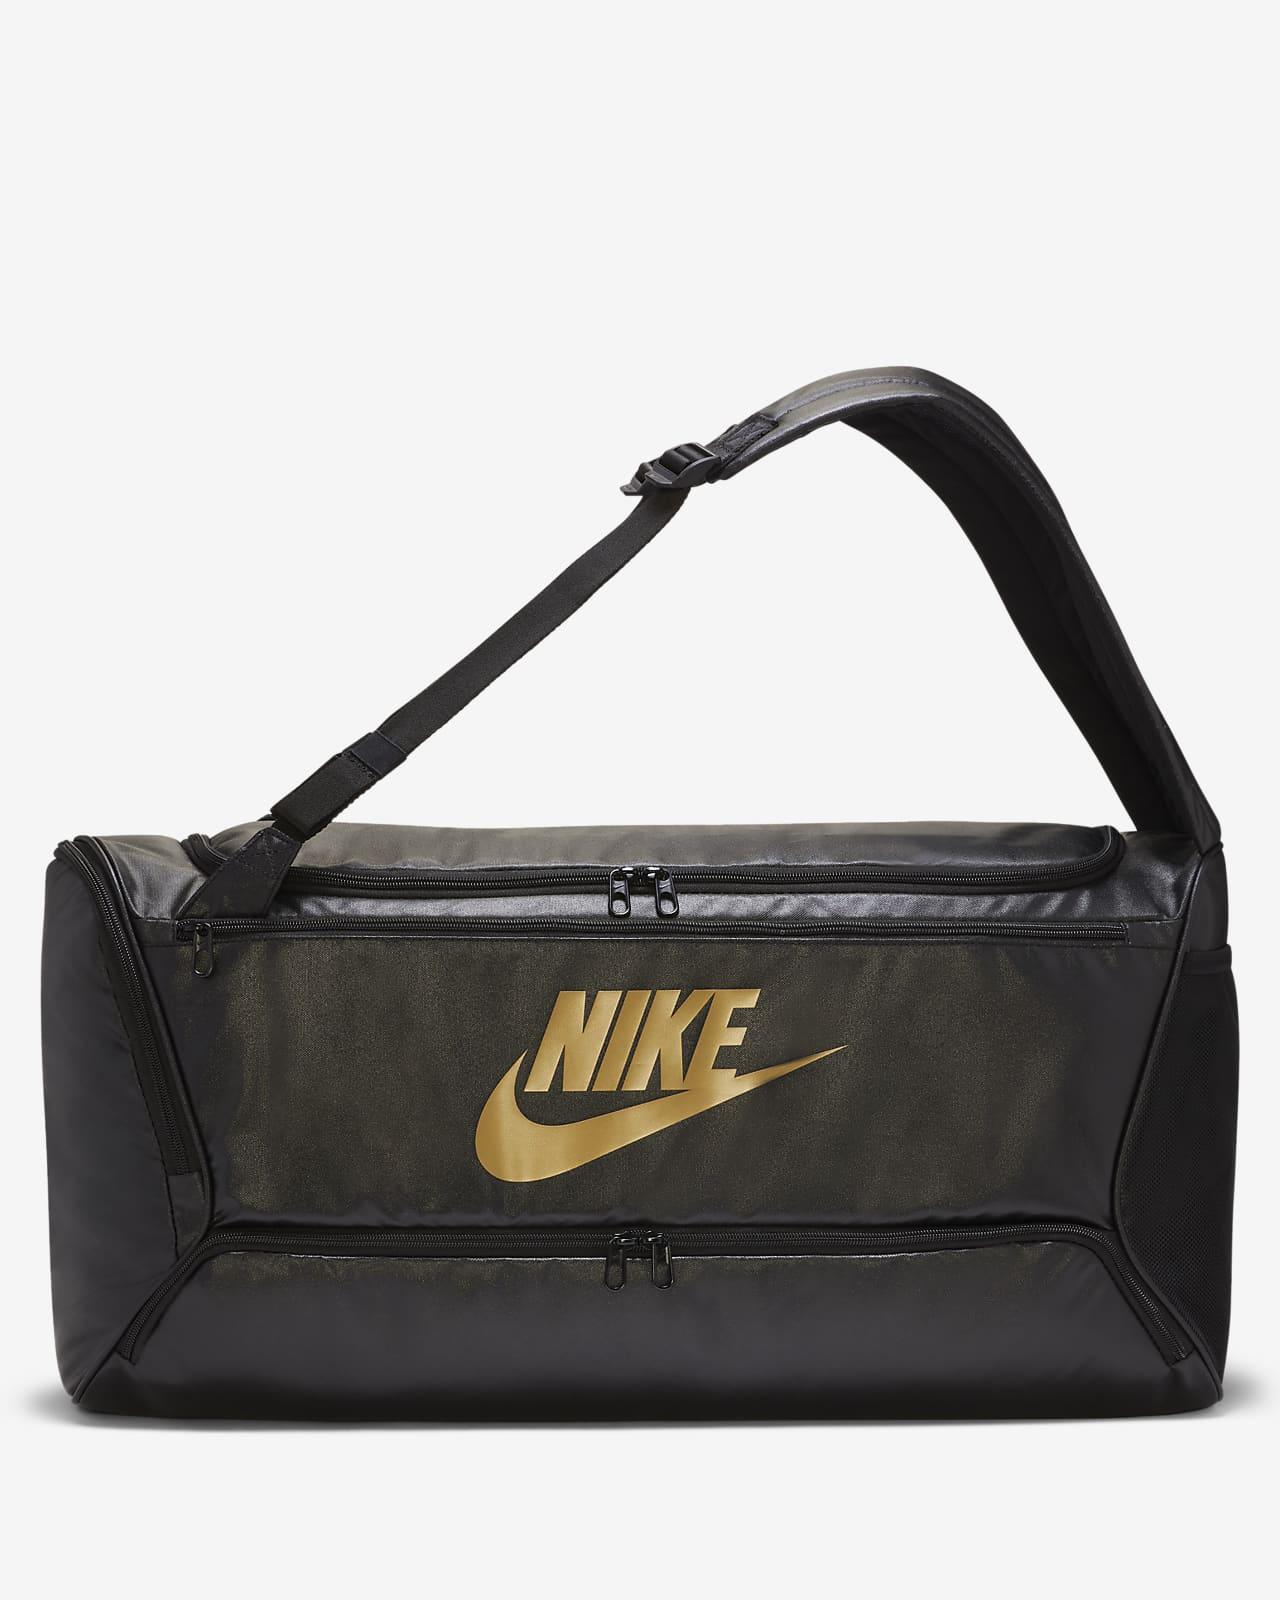 Nike Brasilia 可調式訓練帆布包/双肩包